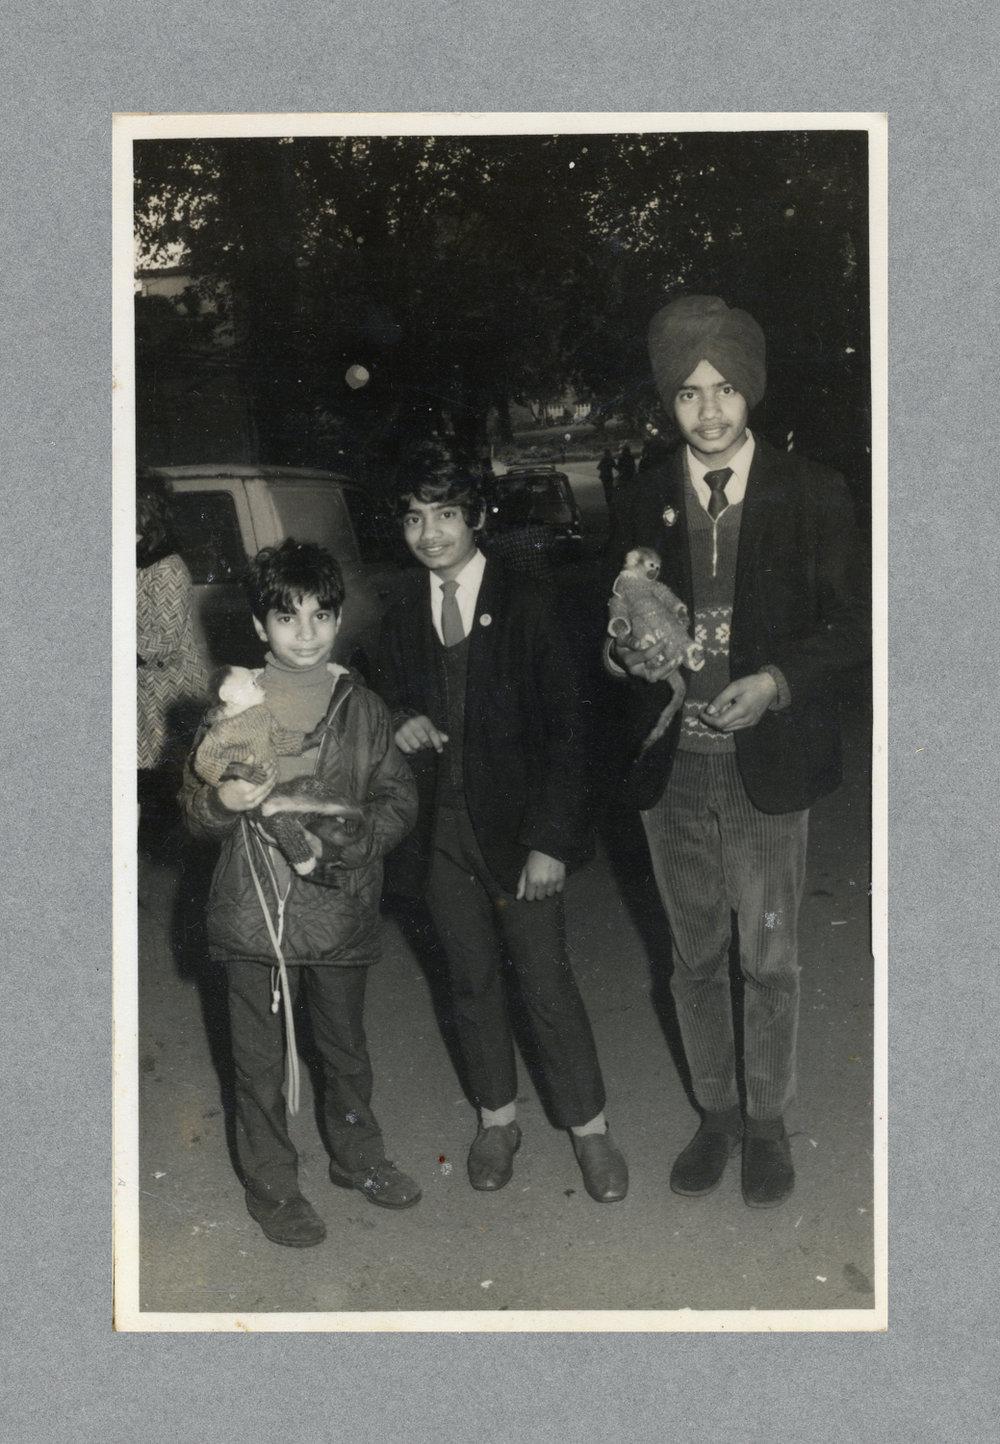 Blackpool c.1971